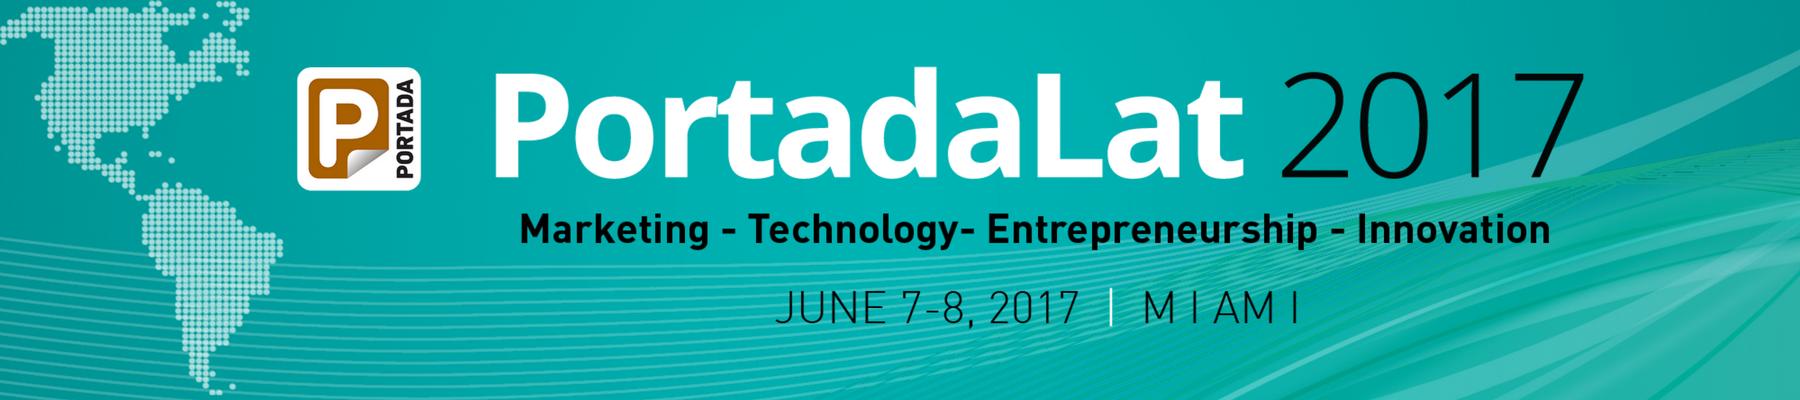 #PortadaLat, June 7-8, Miami